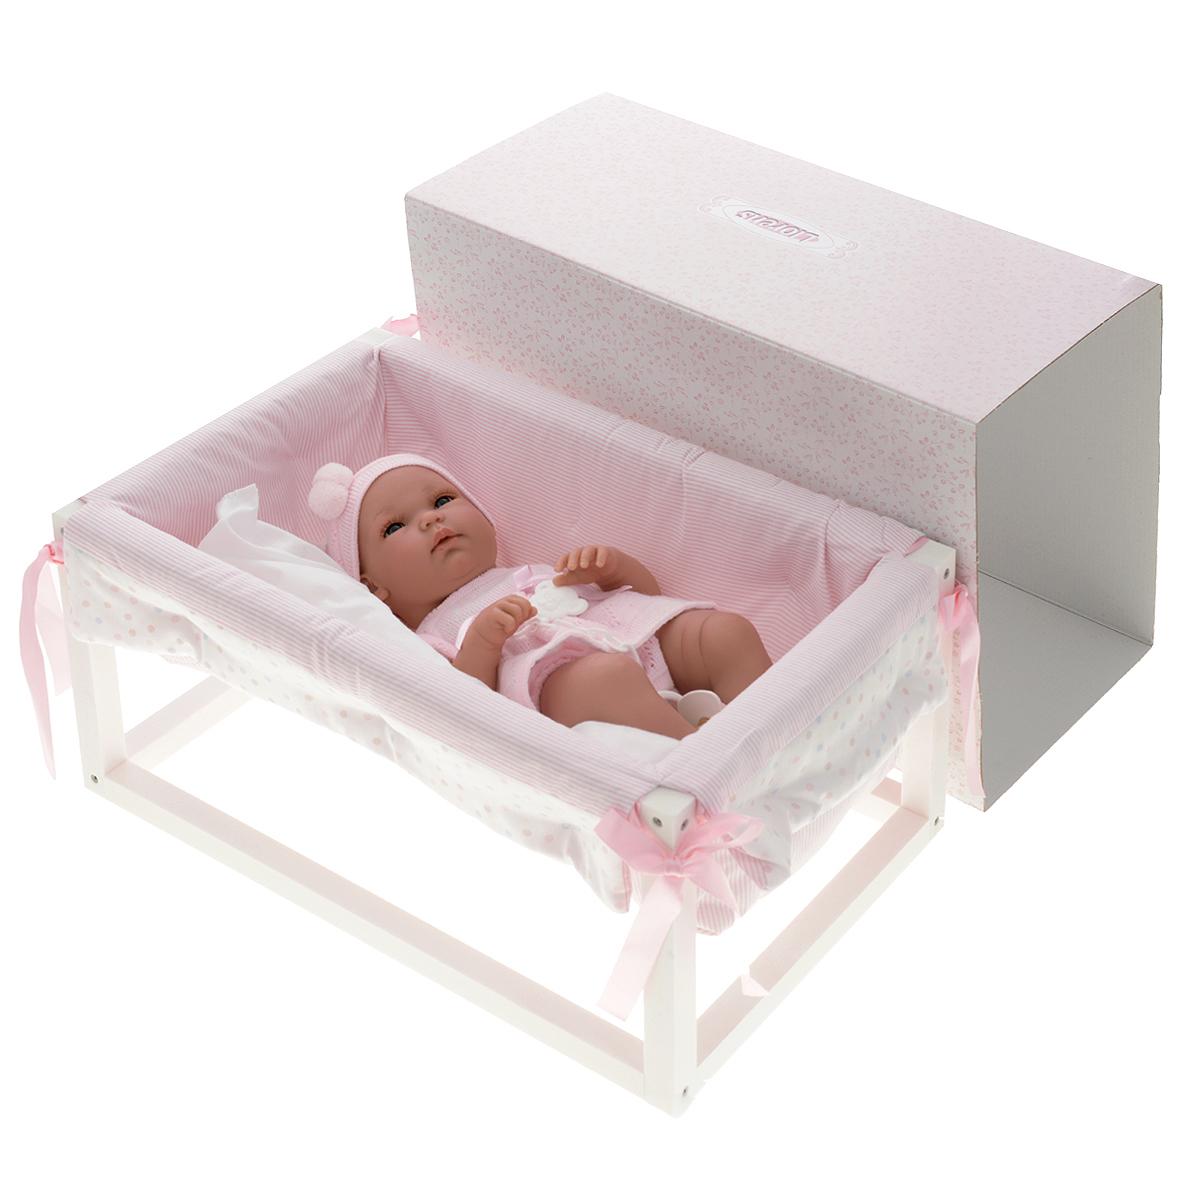 LIorens Пупс Младенец в кроваткеL 73399Кукла LIorens Младенец порадует вашу малышку и доставит ей много удовольствия от часов, посвященных игре с ней. Куколка выполнена в виде младенца-девочки. Эта кукла - реалистичная копия настоящего младенца, ее туловище в складочках. У куклы реалистичные глаза и длинные ресницы. Подвижные ручки, ножки и голова крохи выполнены из высококачественного ПВХ. Малышка одета в прелестные носочки с помпонами, вязаные трусики и платьице. На голове у малышки розовая шапочка. В комплект входят соска на прищепке, мягкая подушечка и удобная кроватка с одеяльцем. Входящая в комплект соска является декоративным аксессуаром и не предназначена для игры. Одеяльце крепится к кроватке с помощью атласных ленточек. Игра с куклой разовьет в вашей малышке фантазию и любознательность, поможет овладеть навыками общения и научит ролевым играм, воспитает чувство ответственности и заботы. Порадуйте ее таким замечательным подарком!